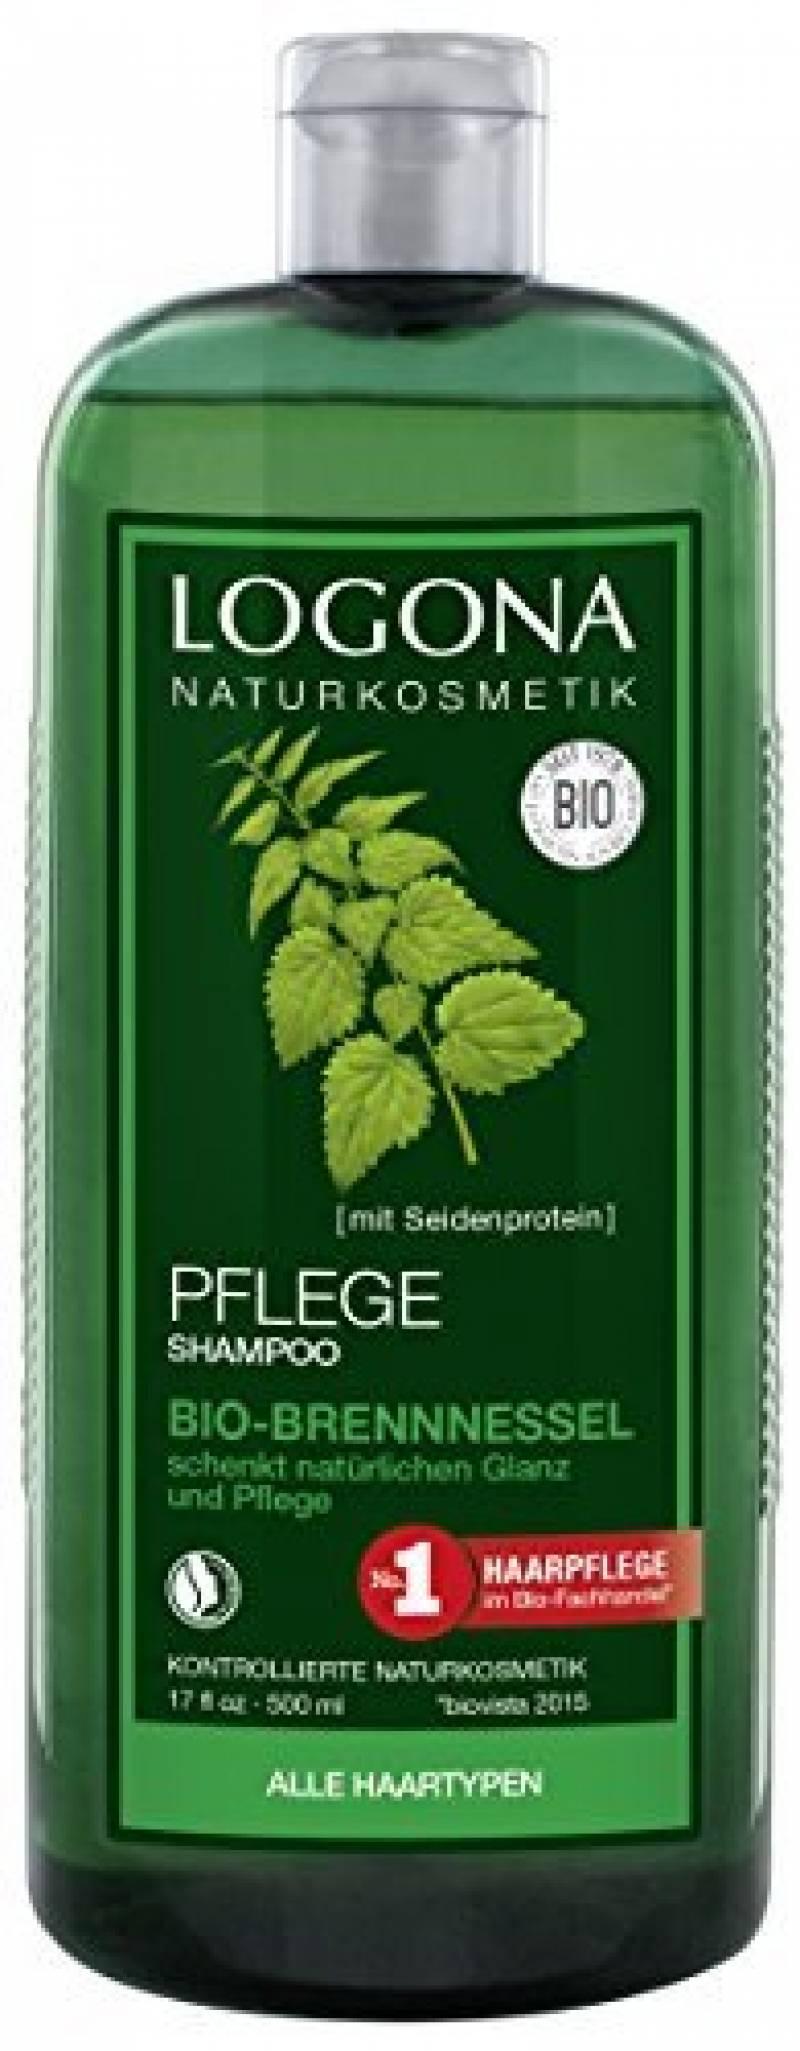 Logona - 1003shabri5 - Soin et Beauté du Cheveu - Shampooing Brillance à l'Ortie - 500 ml de la marque Logona TOP 4 image 0 produit